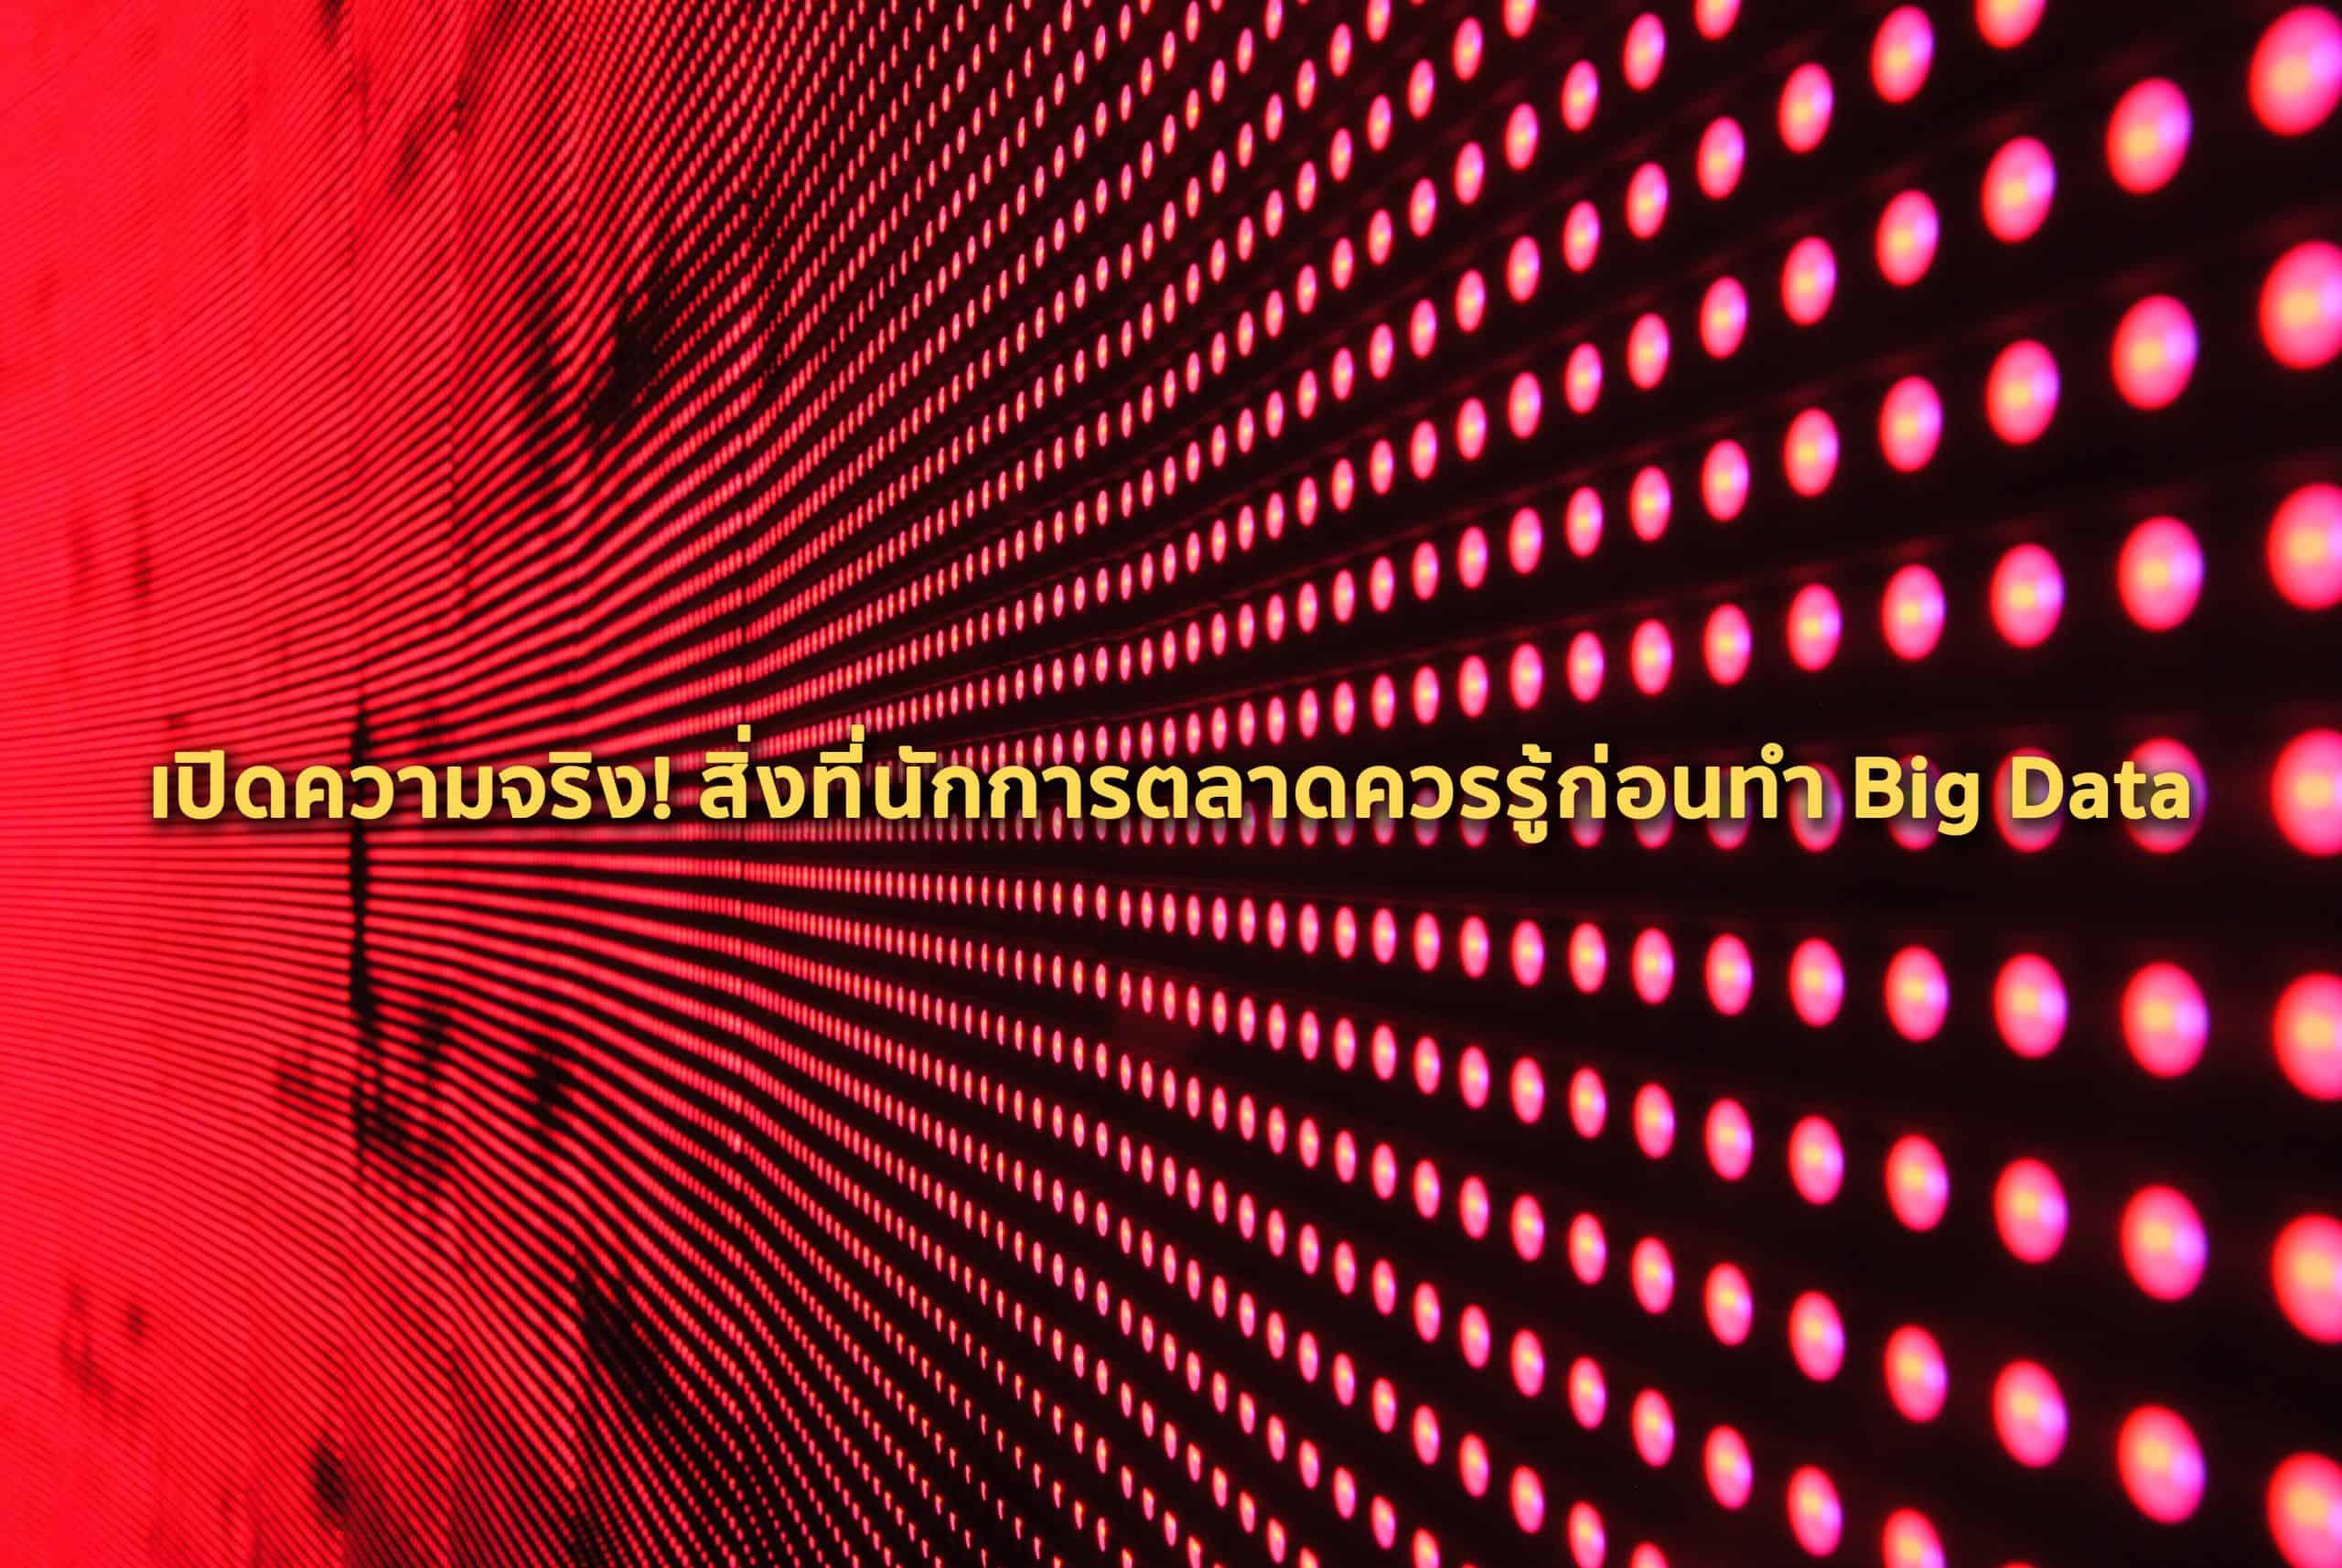 เปิดความจริง! สิ่งที่นักการตลาดควรรู้ก่อนทำ Big Data